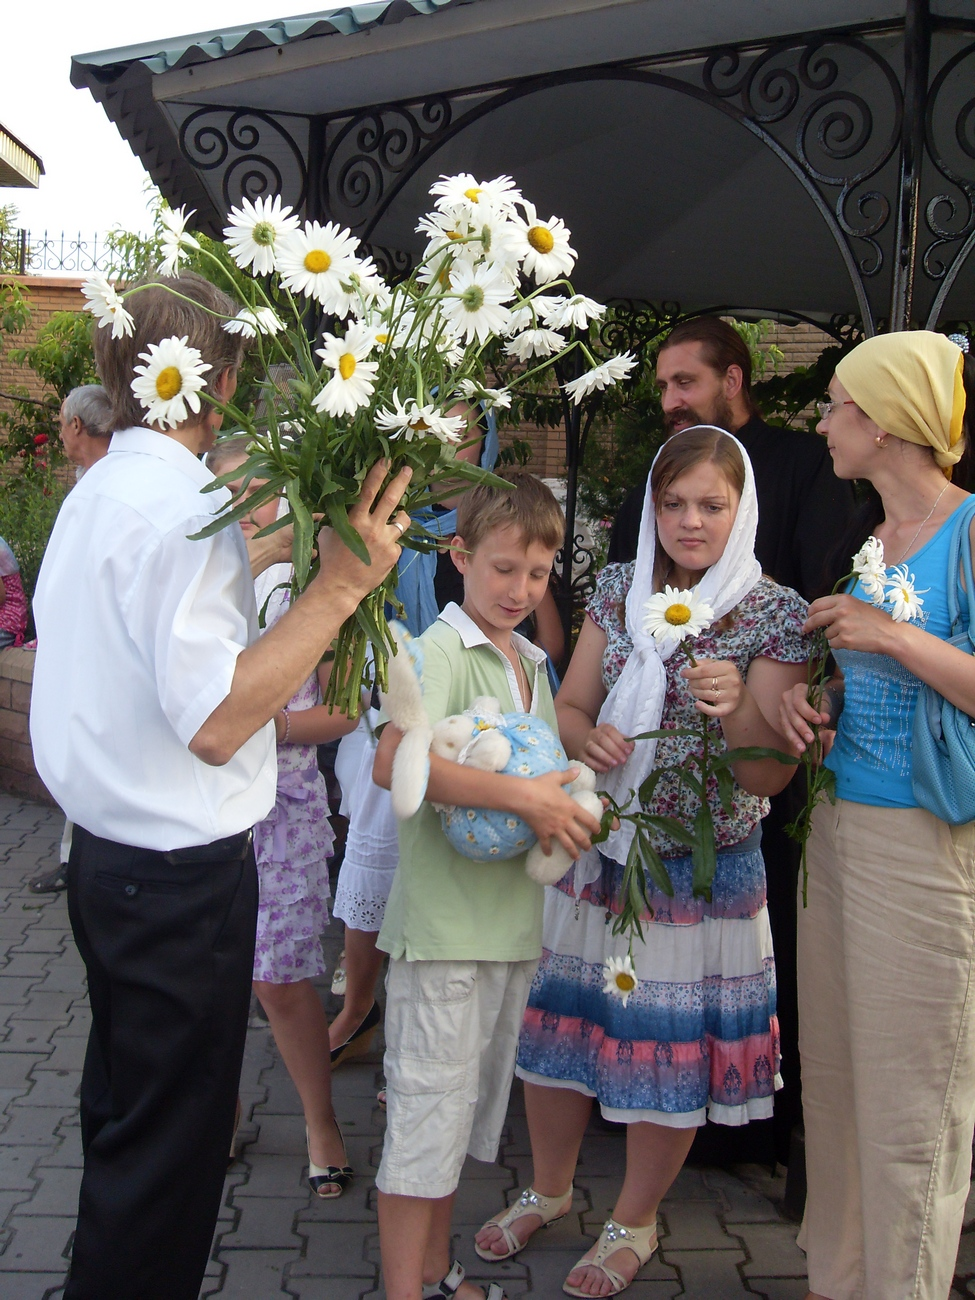 Праздничный концерт в честь праздника святых Петра и Февроньи Муромских в Алчвске 8 июля 2011 г.